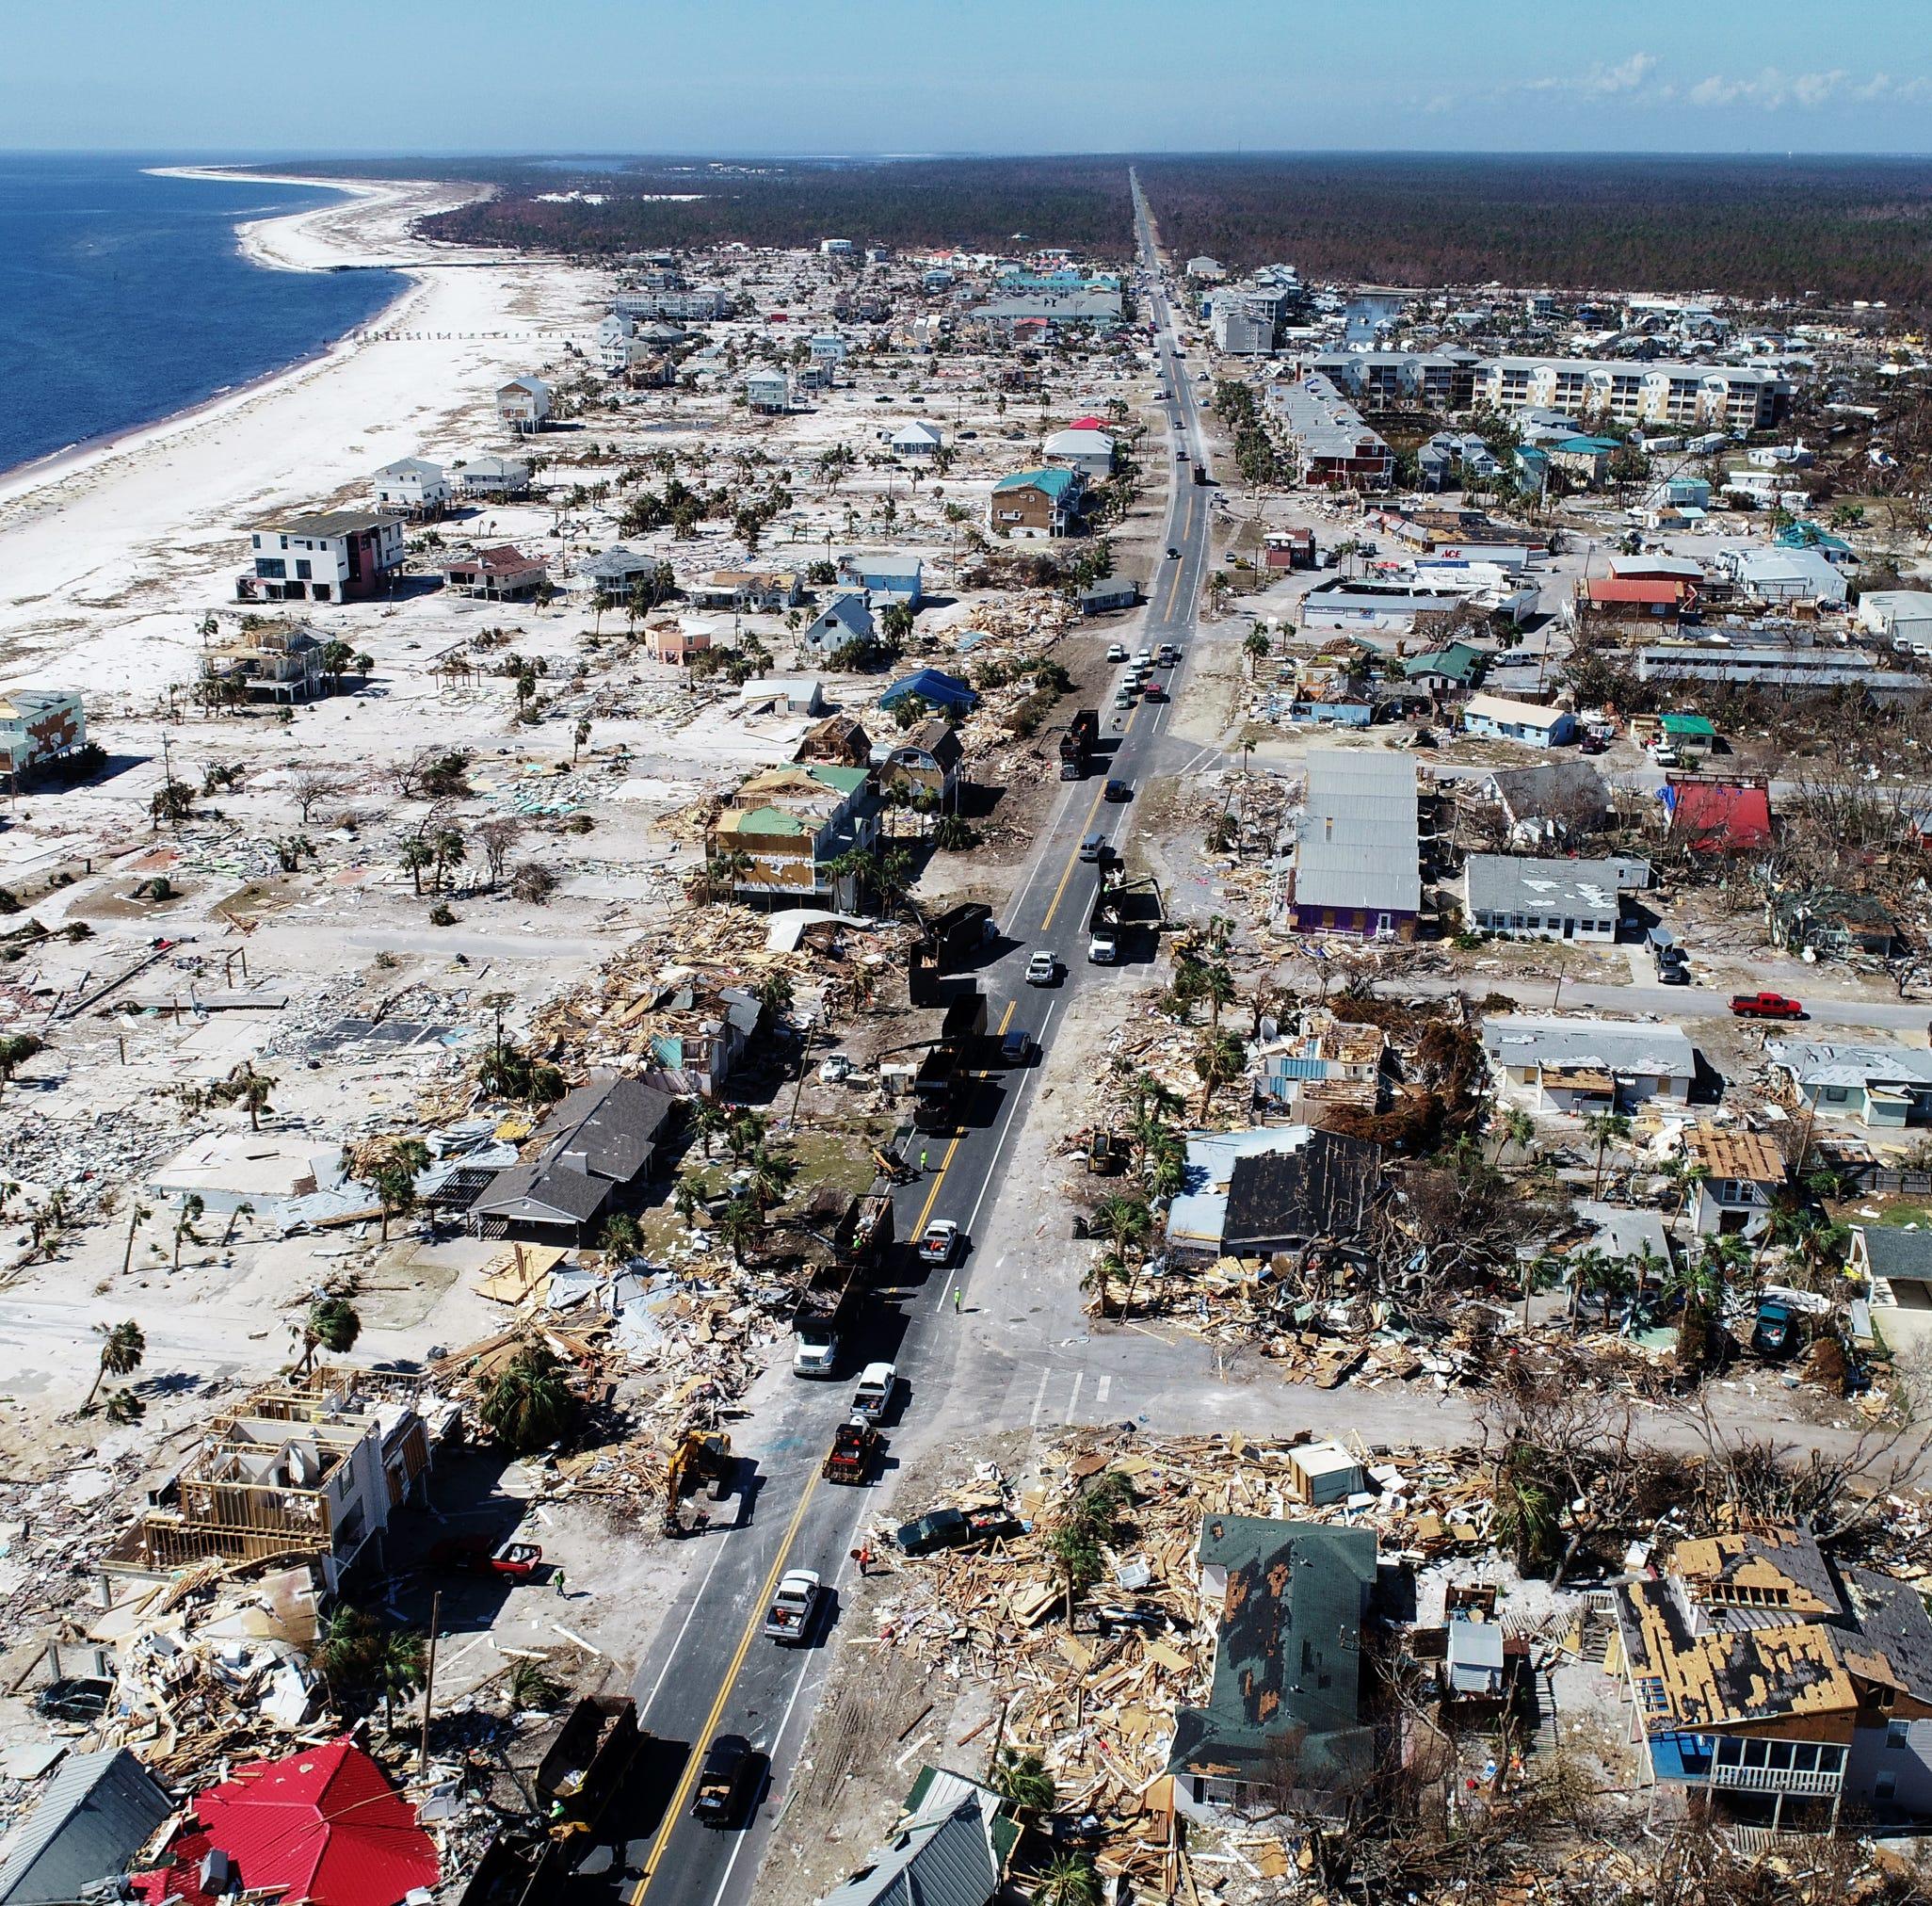 AccuWeather predicting 2-4 major storms in 2019 Atlantic hurricane season